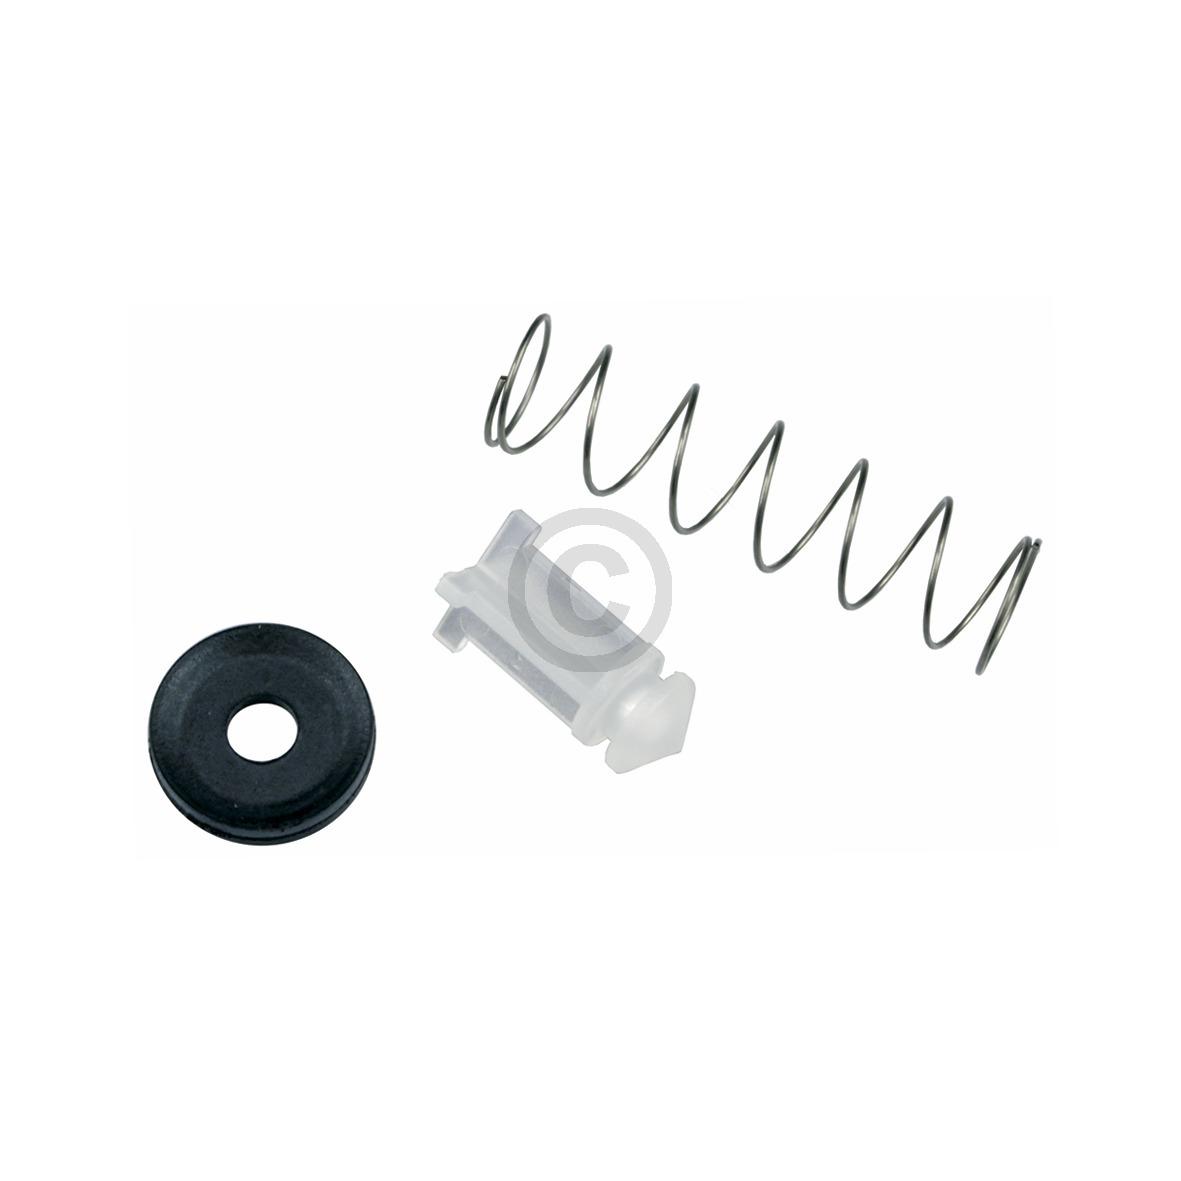 Dichtsatz für Wassertank 00610852 610852 Bosch, Siemens, Neff